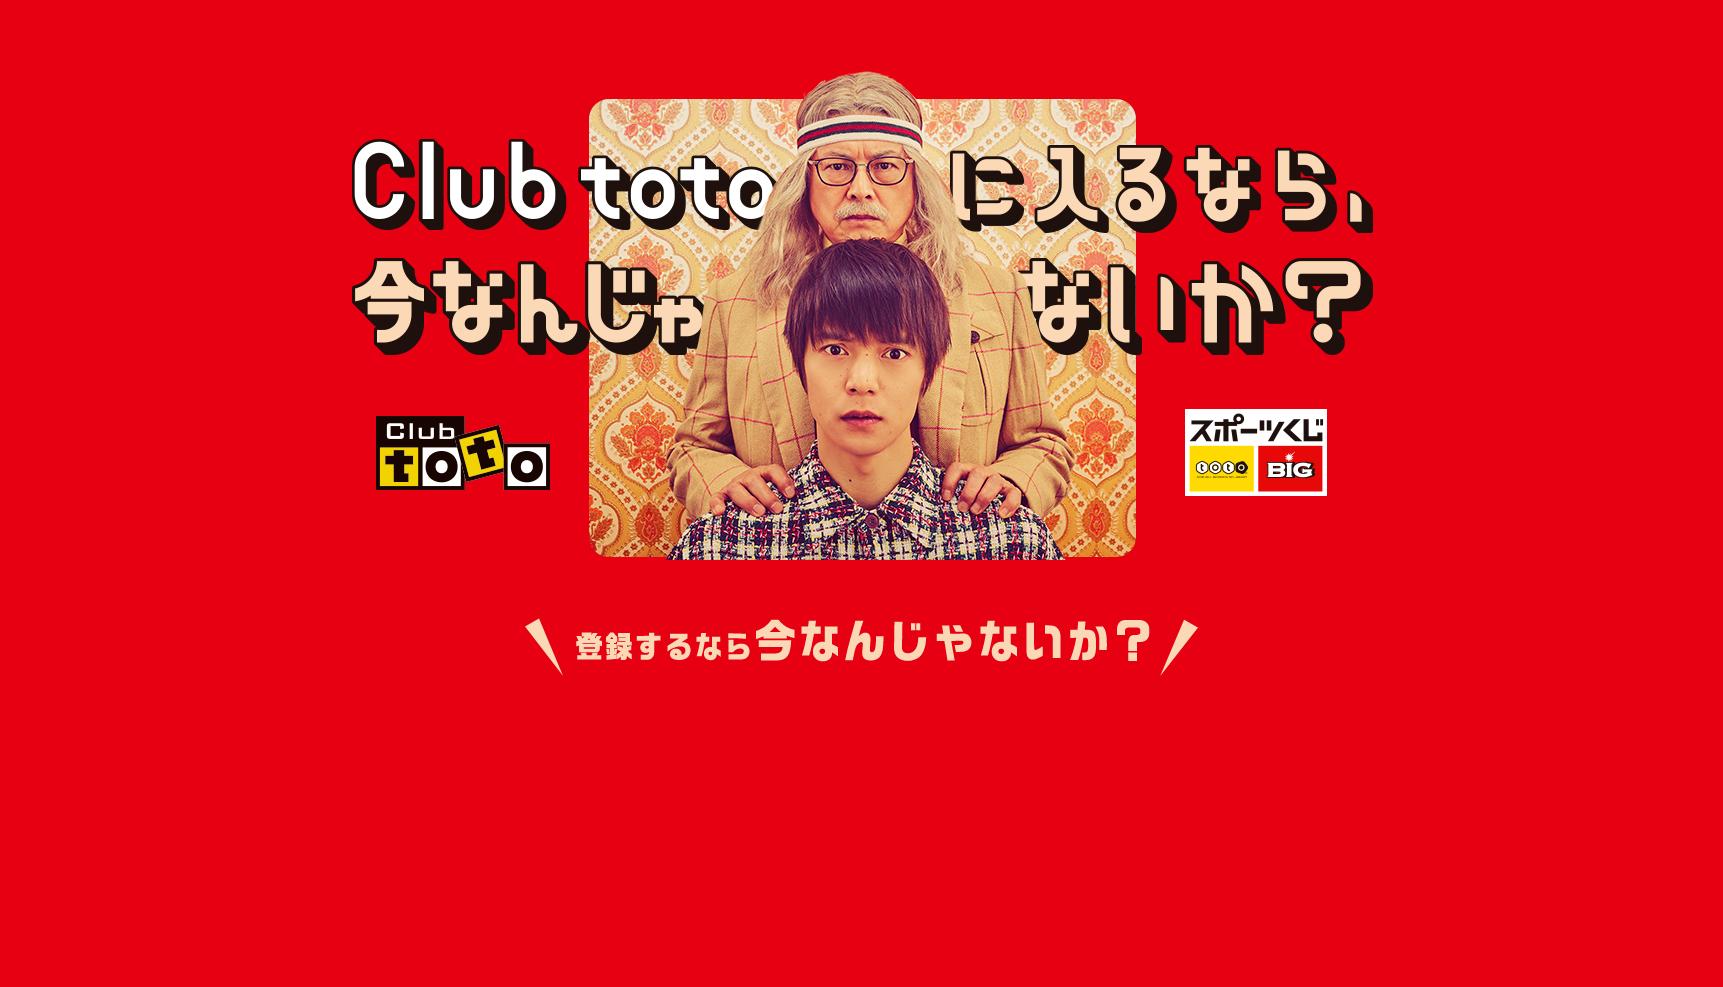 Club totoなら、メリットがいっぱい!